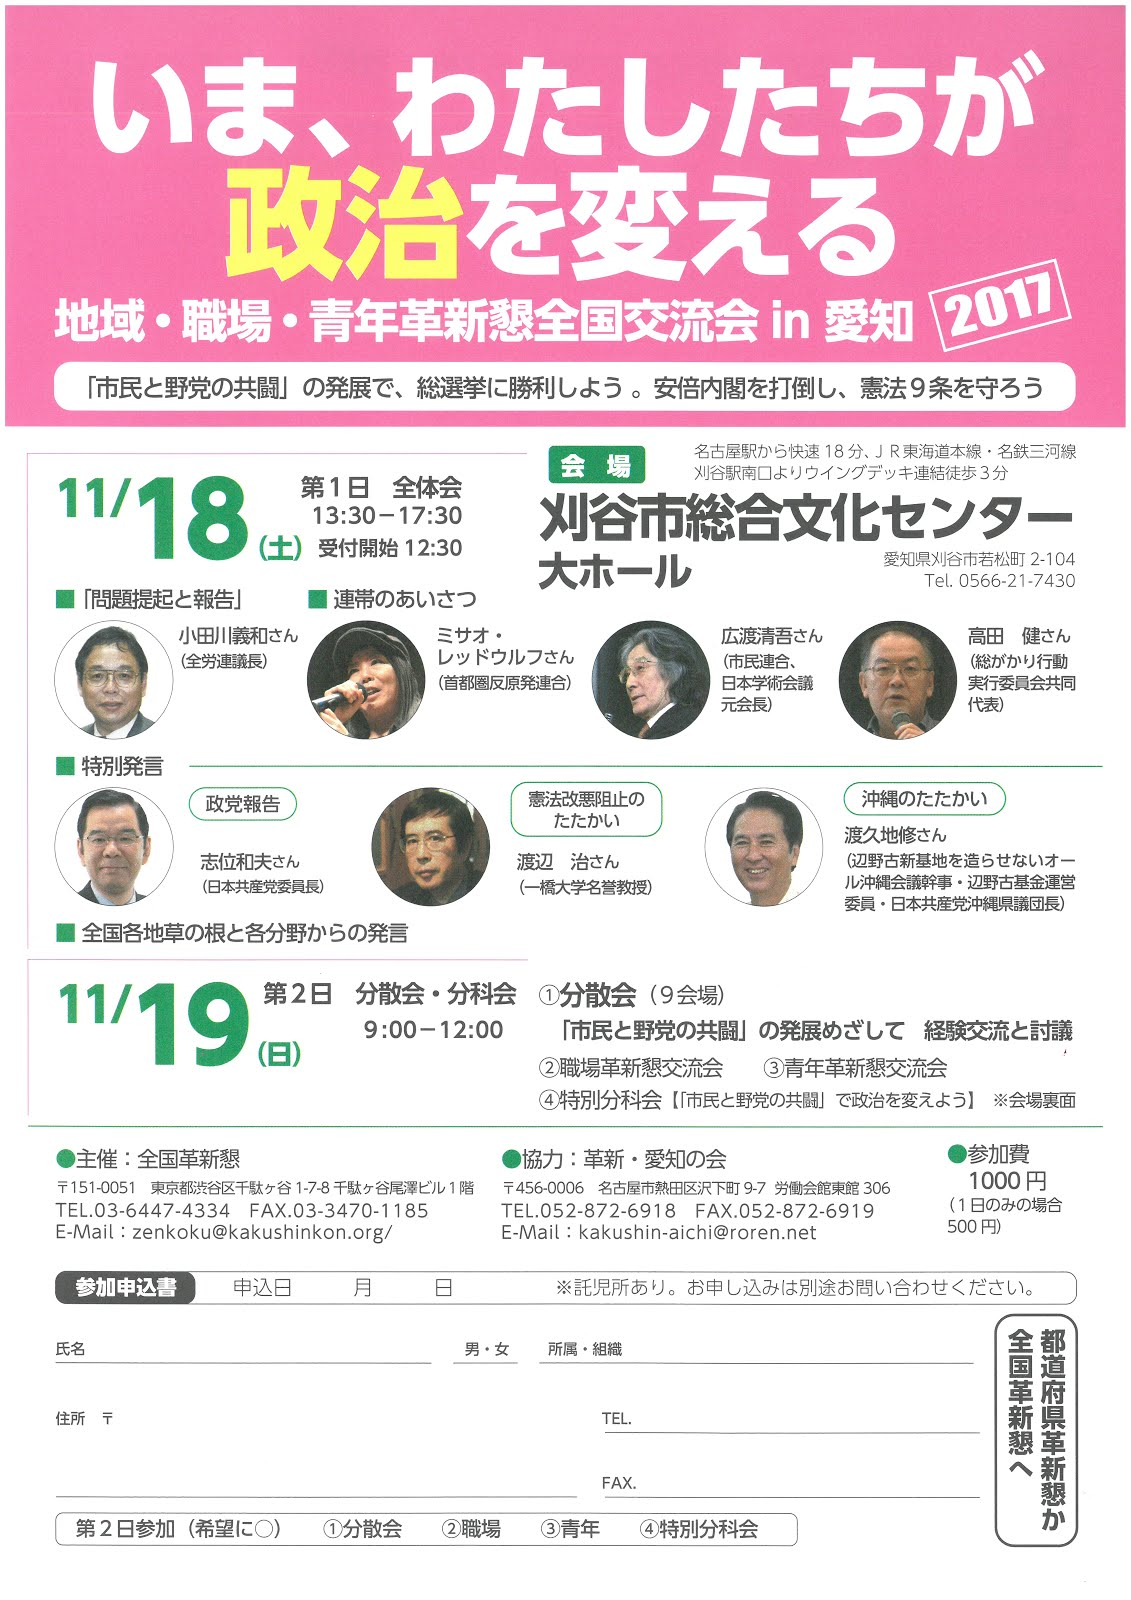 いま、私たちが政治を変える 全国革新懇交流会に参加しましょう!